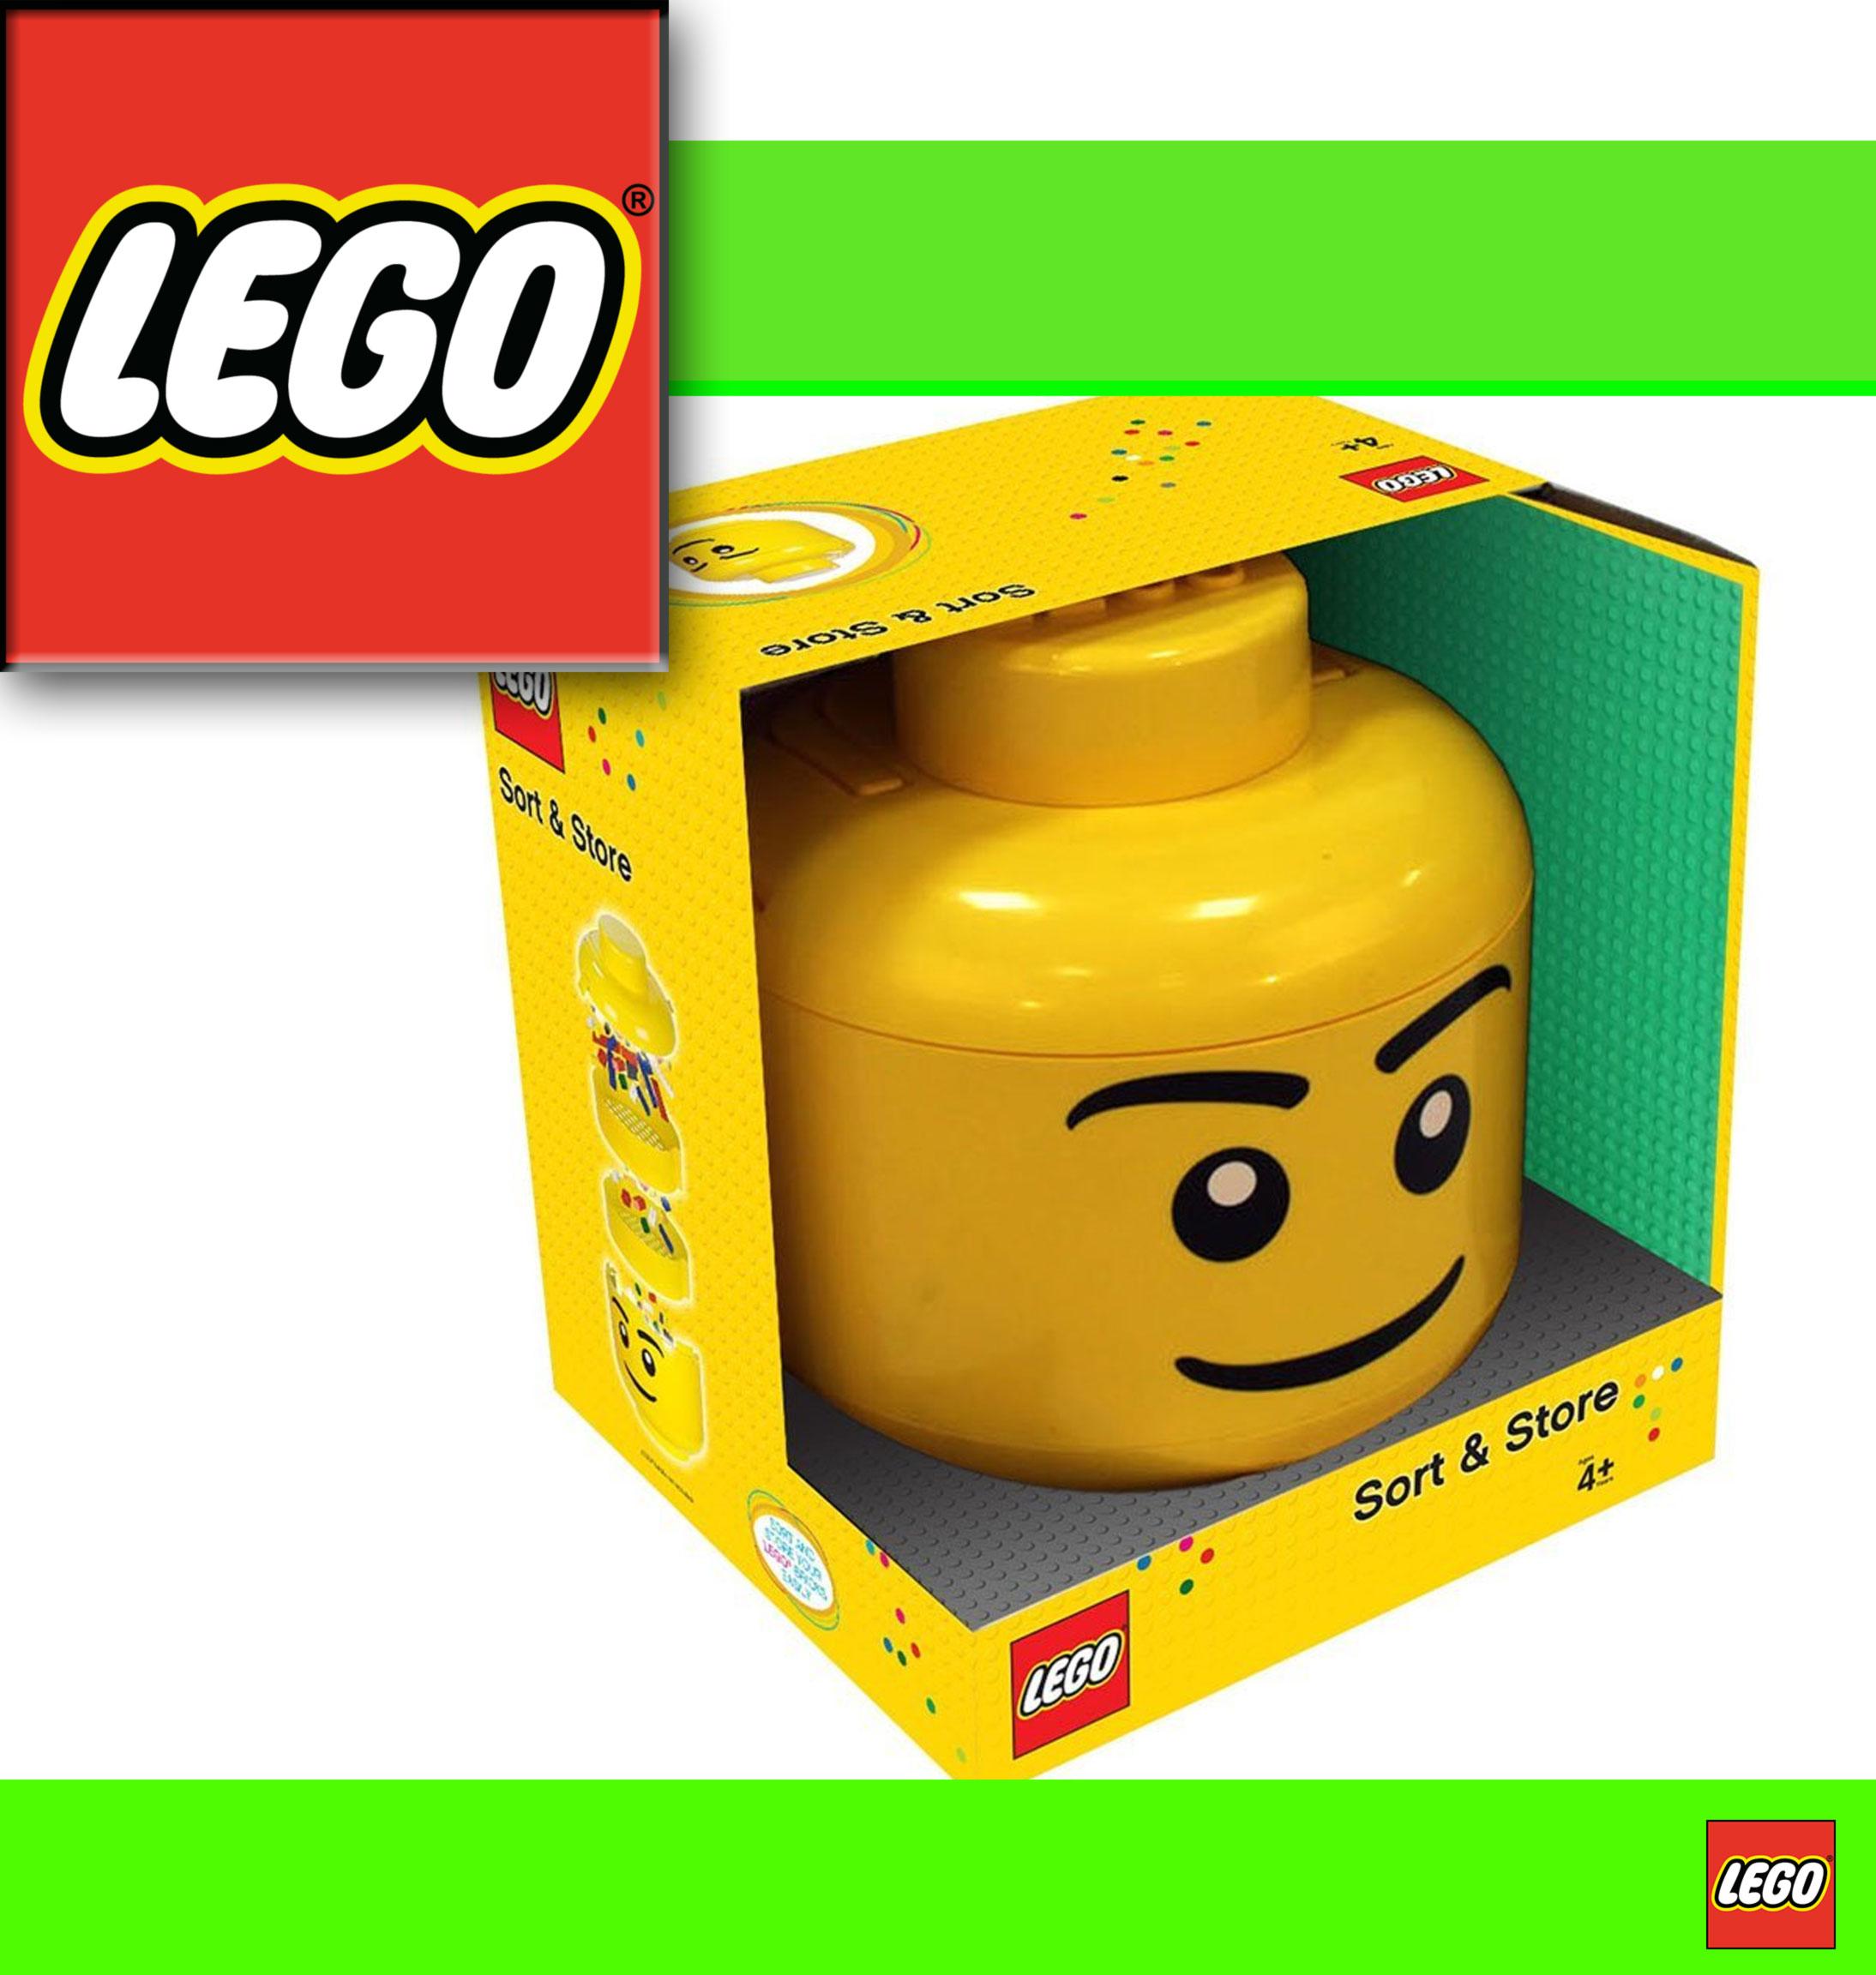 lego steine sortierer eimer sort store xxl kopf aufbewahrung storage head ebay. Black Bedroom Furniture Sets. Home Design Ideas